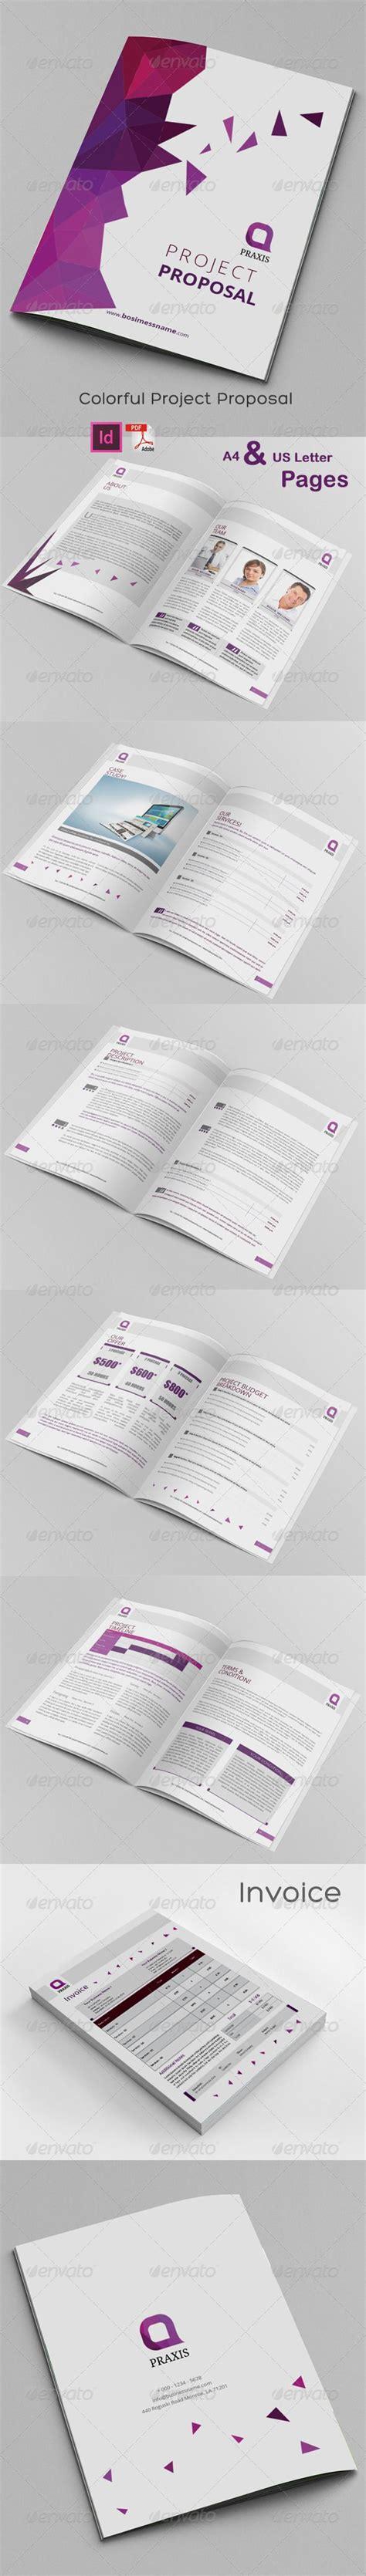 sle tender document tender documents pinterest 18 best tender documents images on pinterest page layout